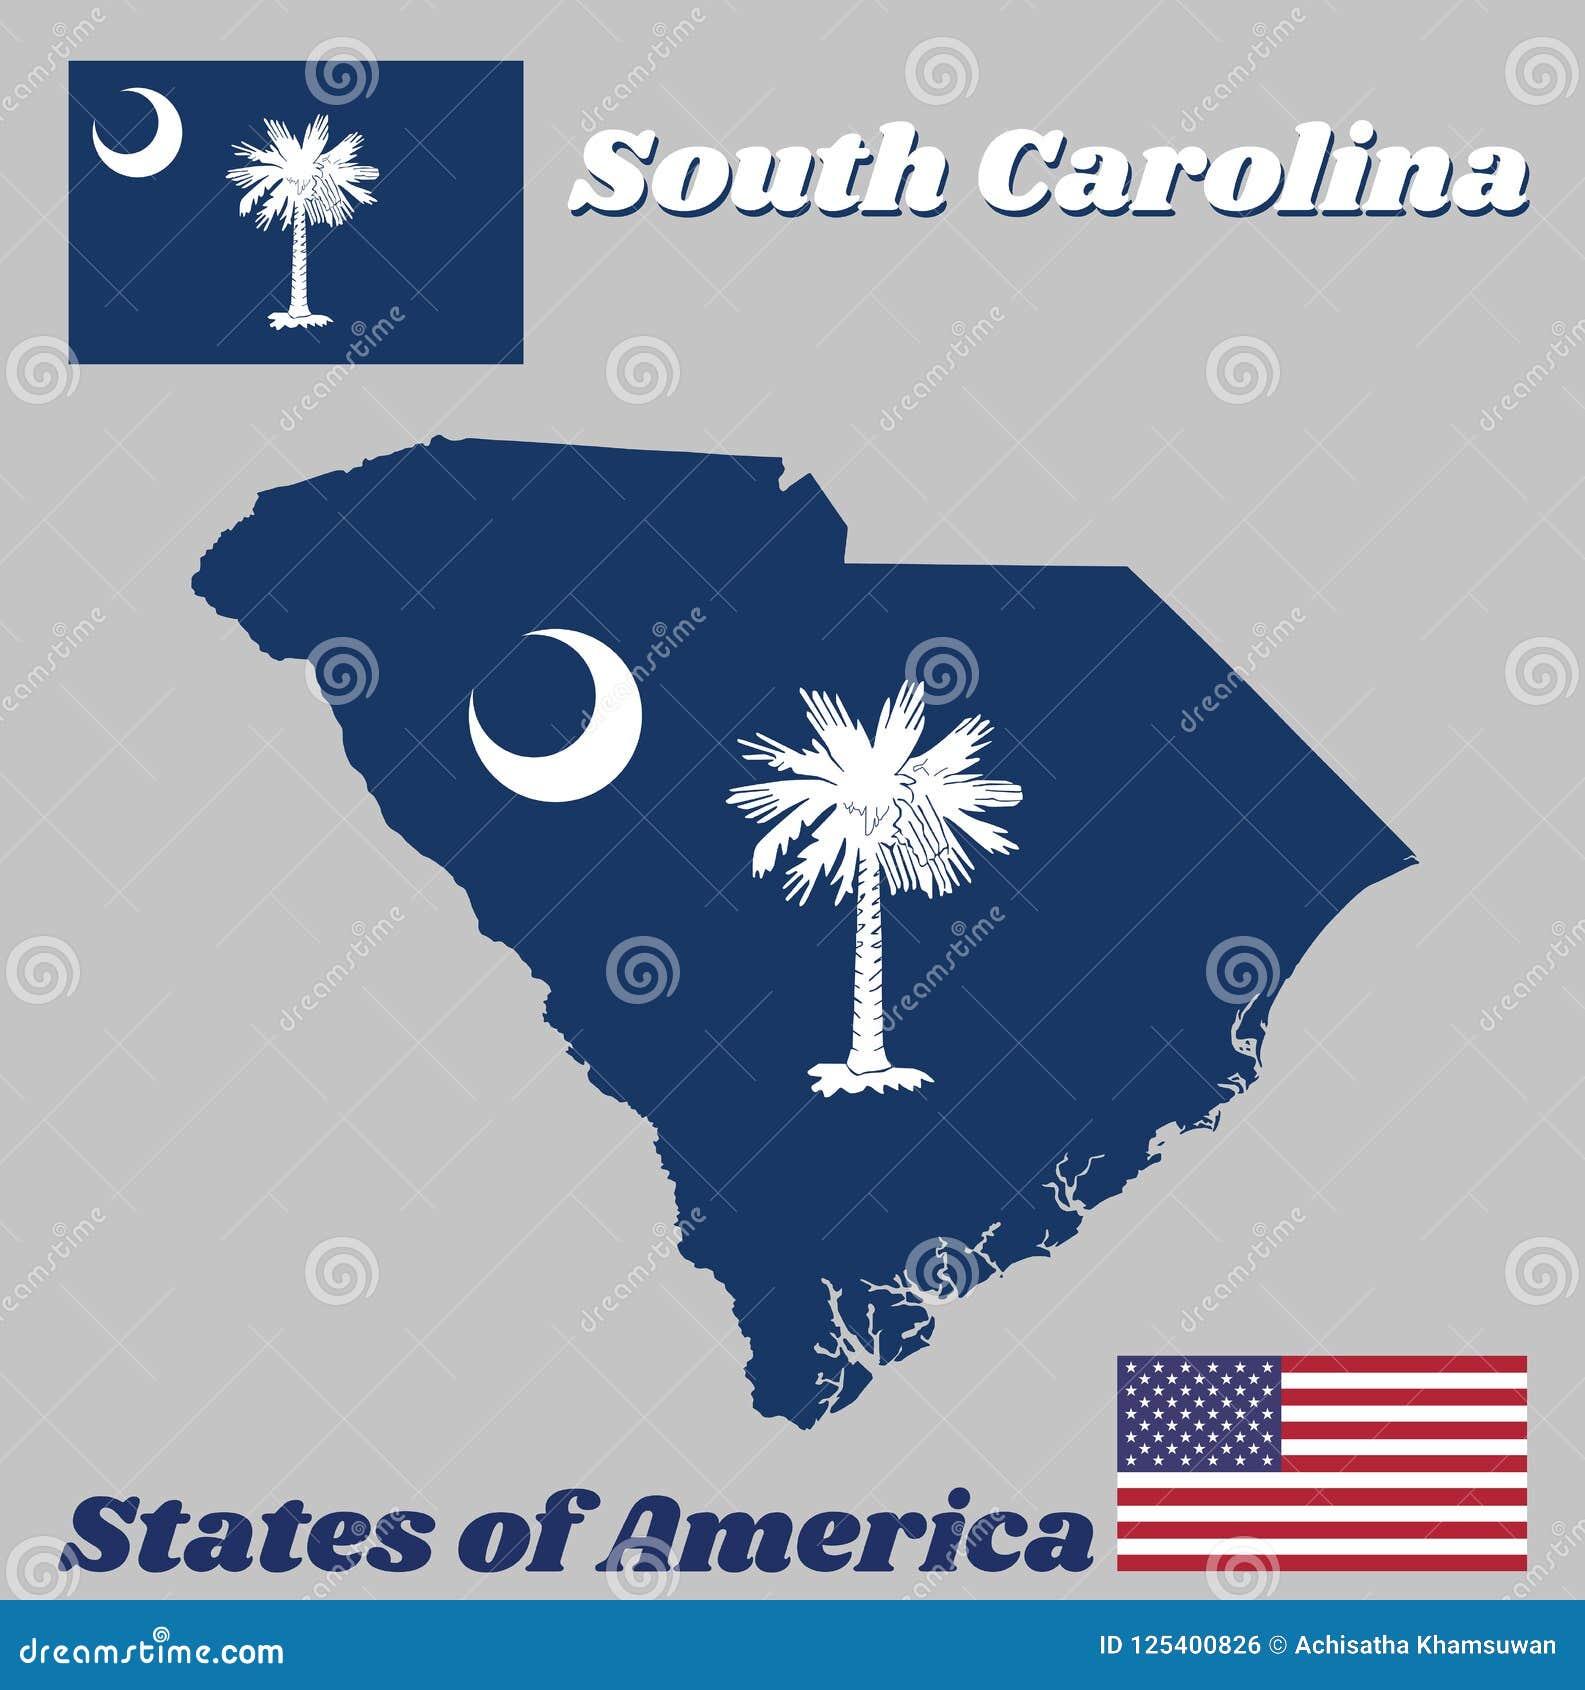 Kartlägga översikten och flaggan av South Carolina, det vita palmettoträdet på ett indigoblått fält Kantonen innehåller ett vitt